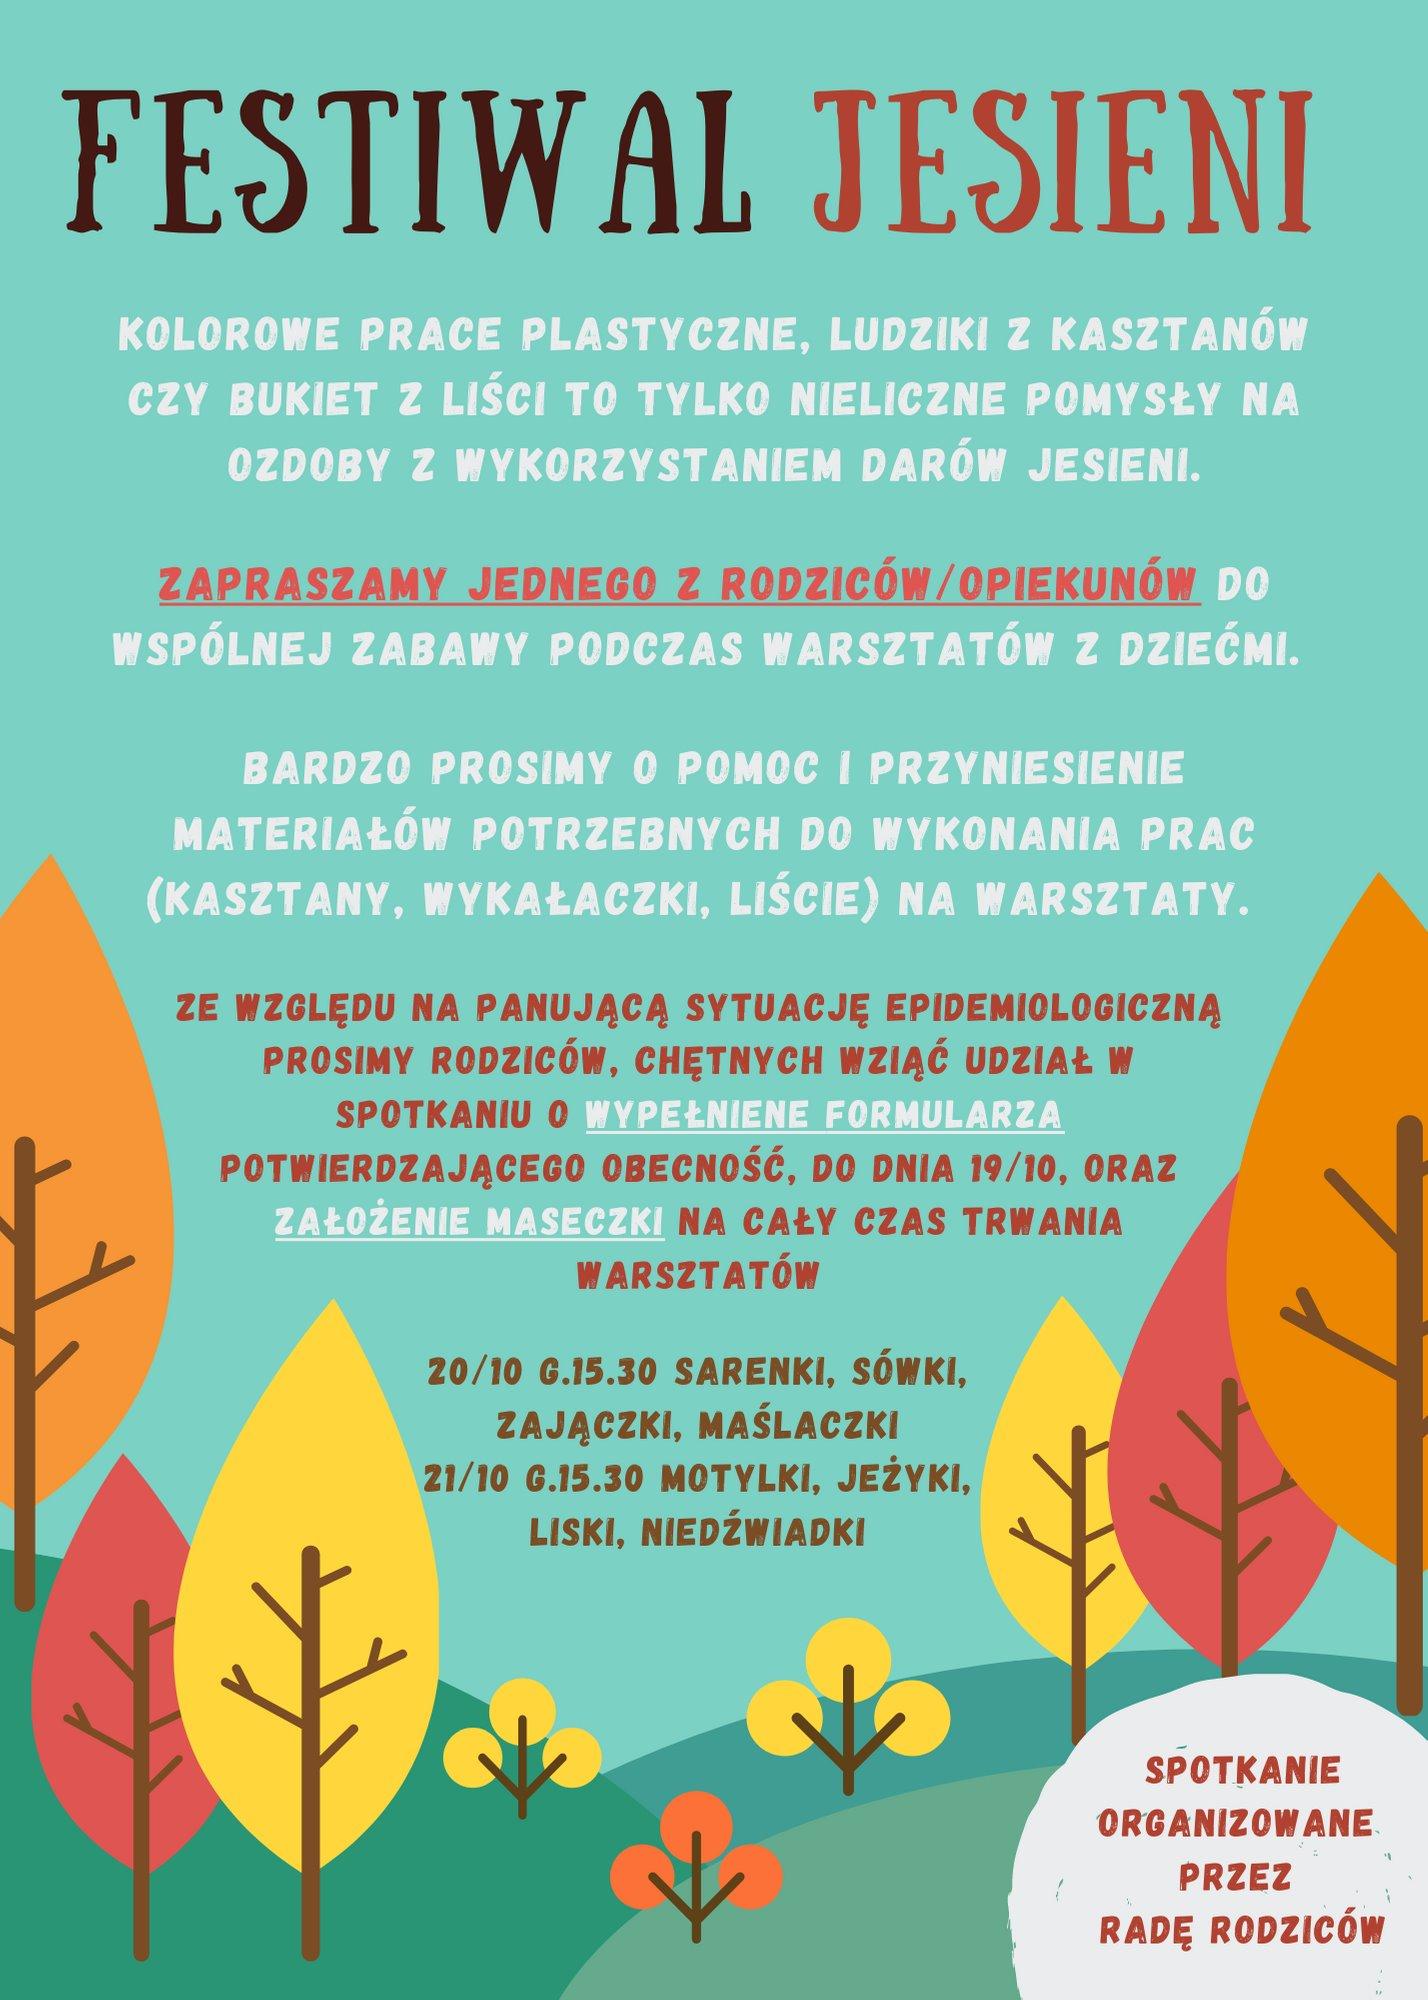 Festiwal jesieni 2.png